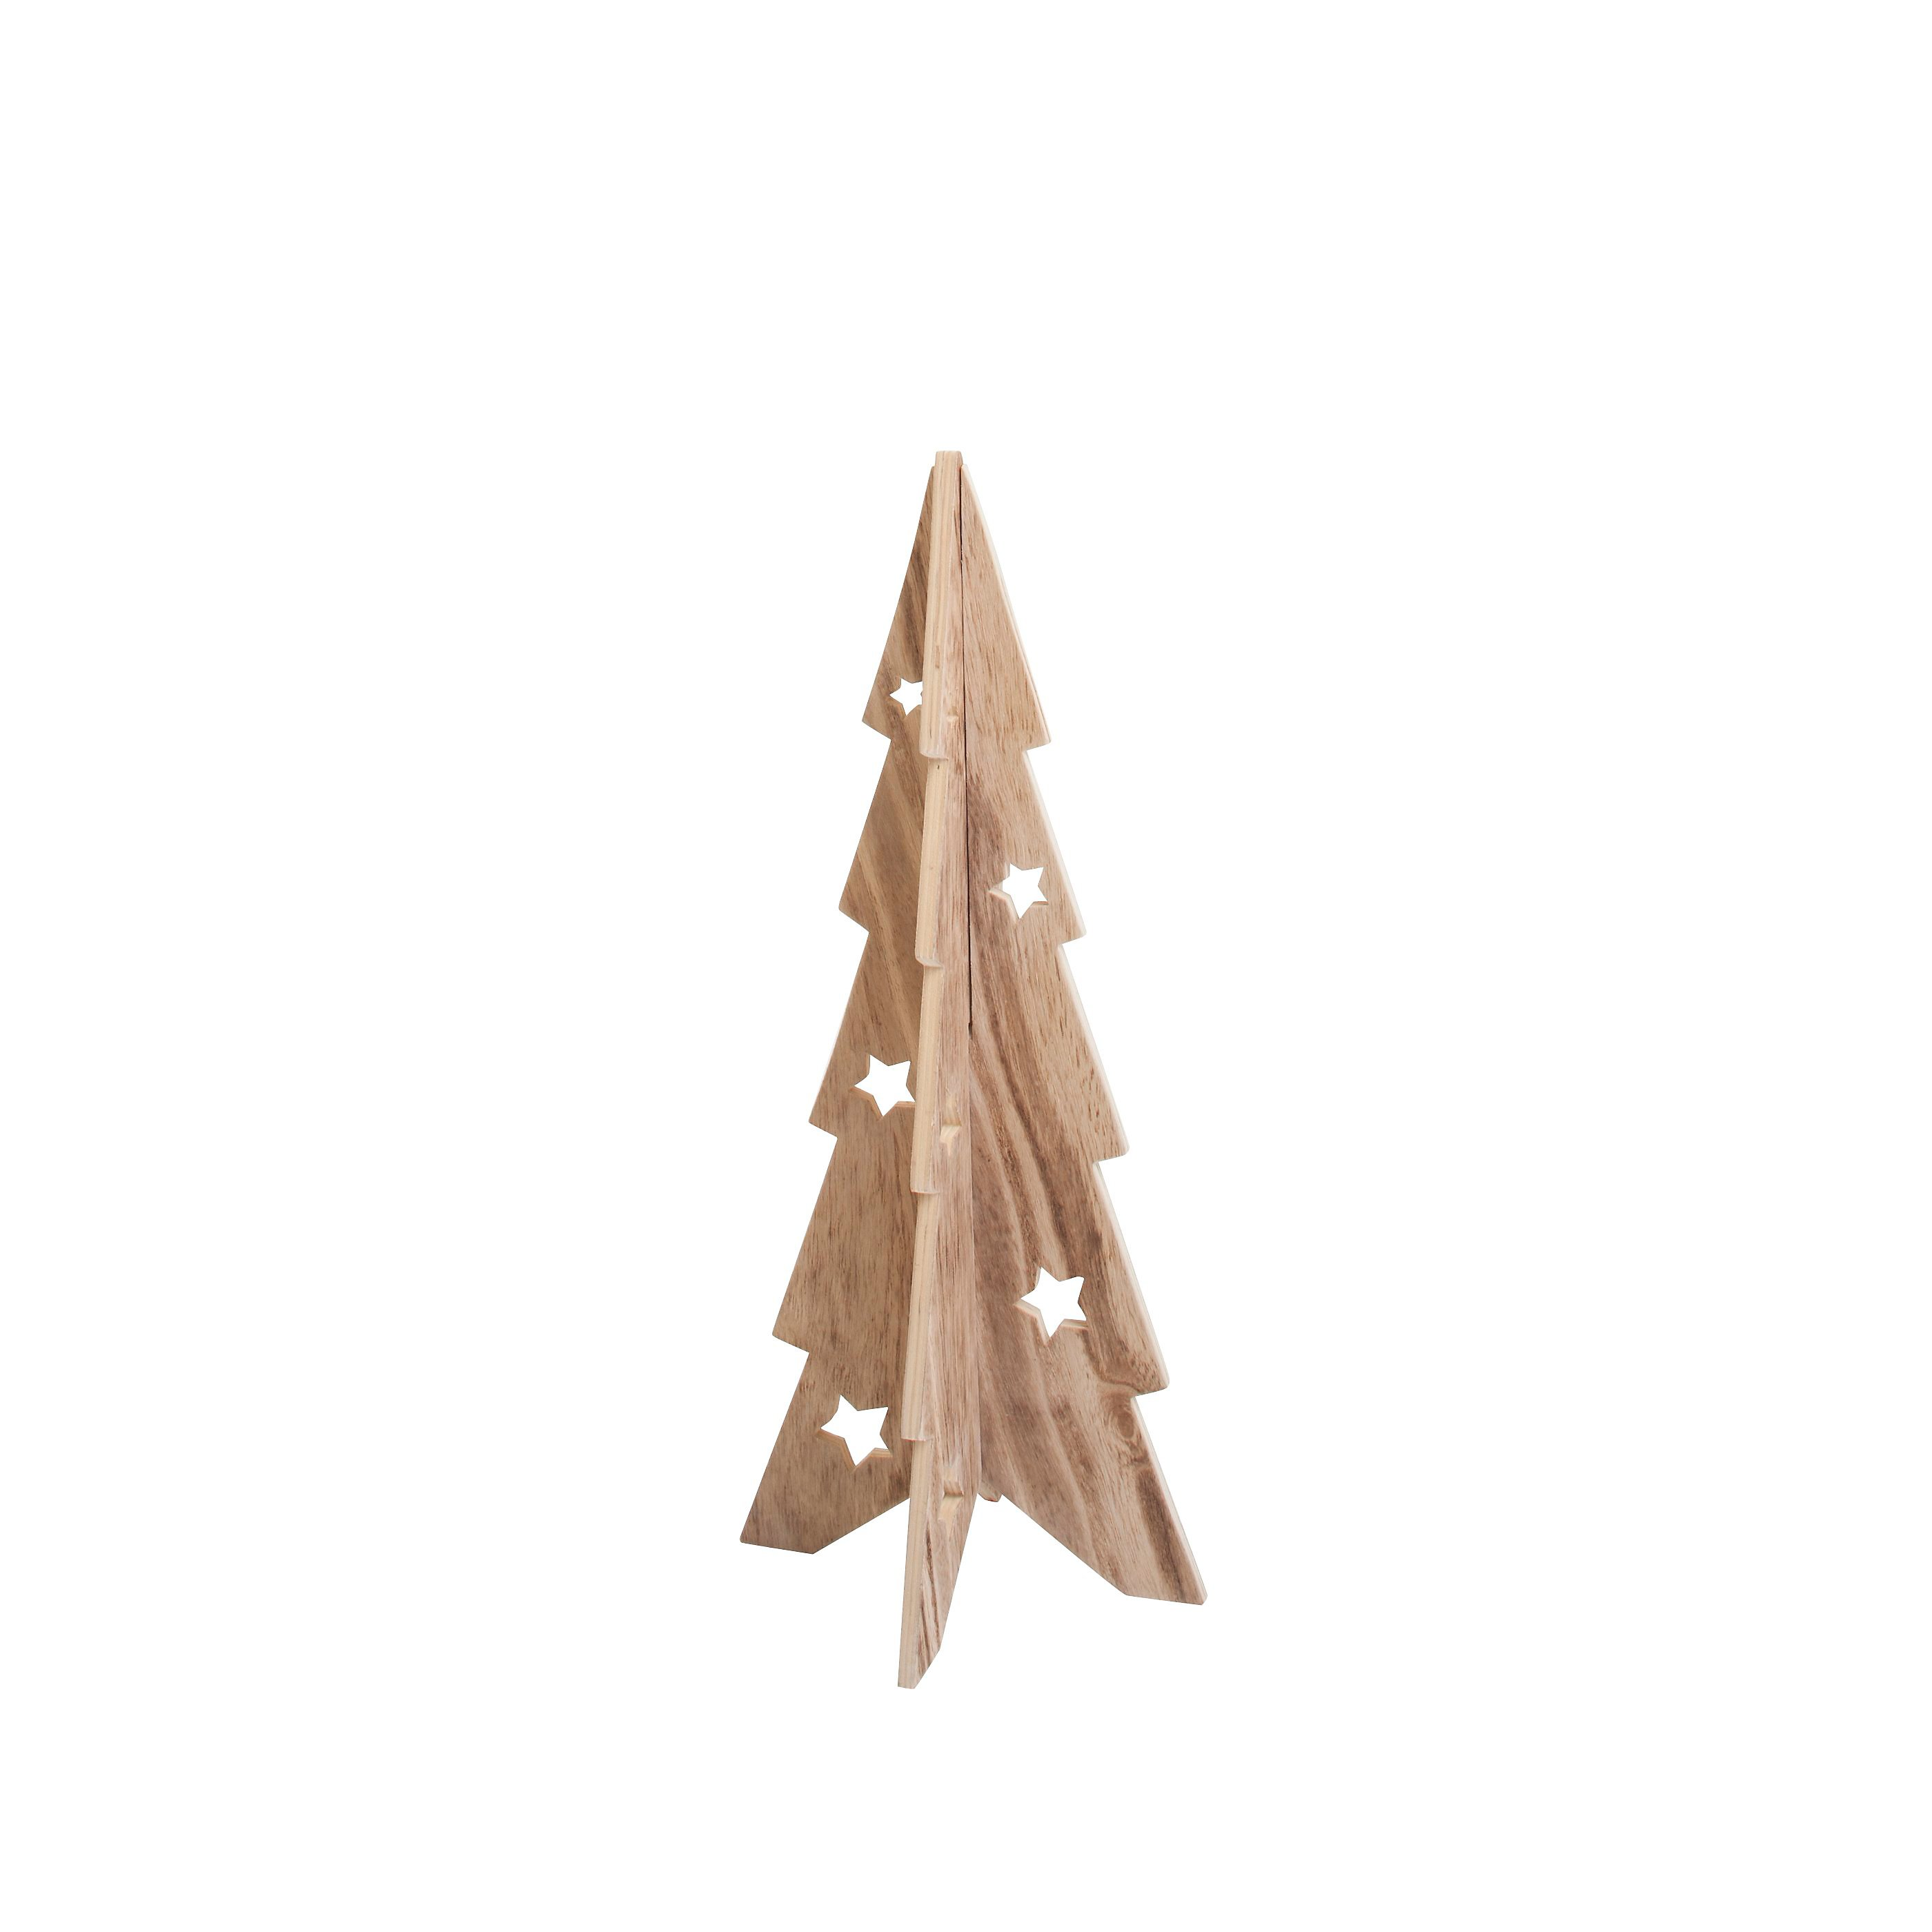 Holz Tannenbaum 50 Cm Jetzt Bei Weltbild De Bestellen